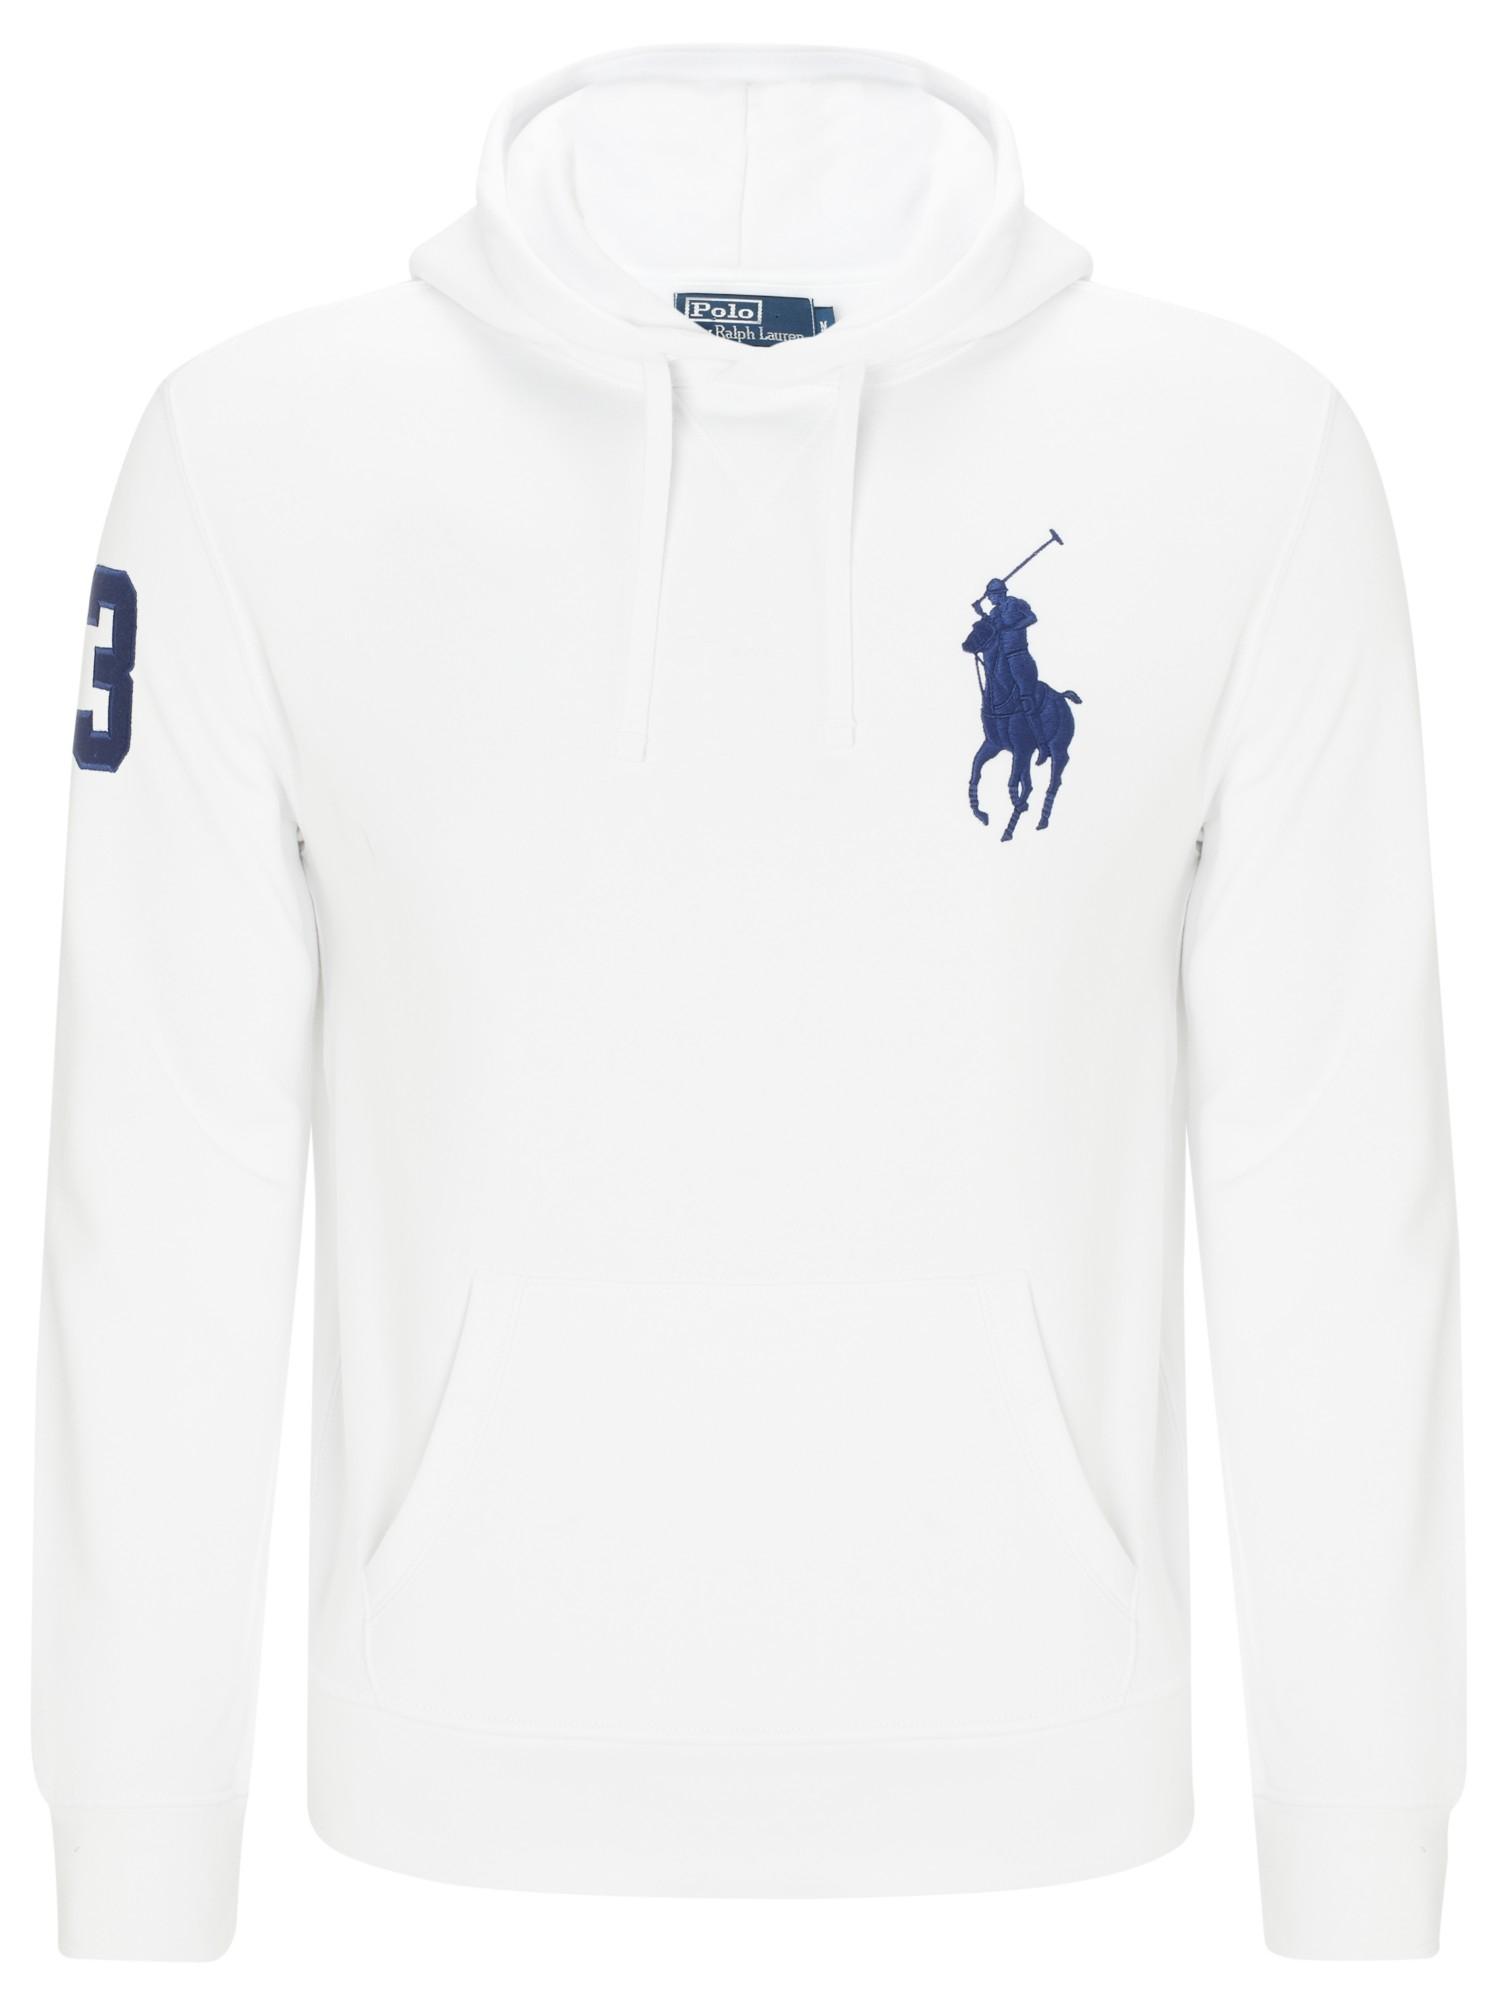 Big Low Price Ralph Lauren Horse 1fce9 Hoodie 8b32f kiZPXOu